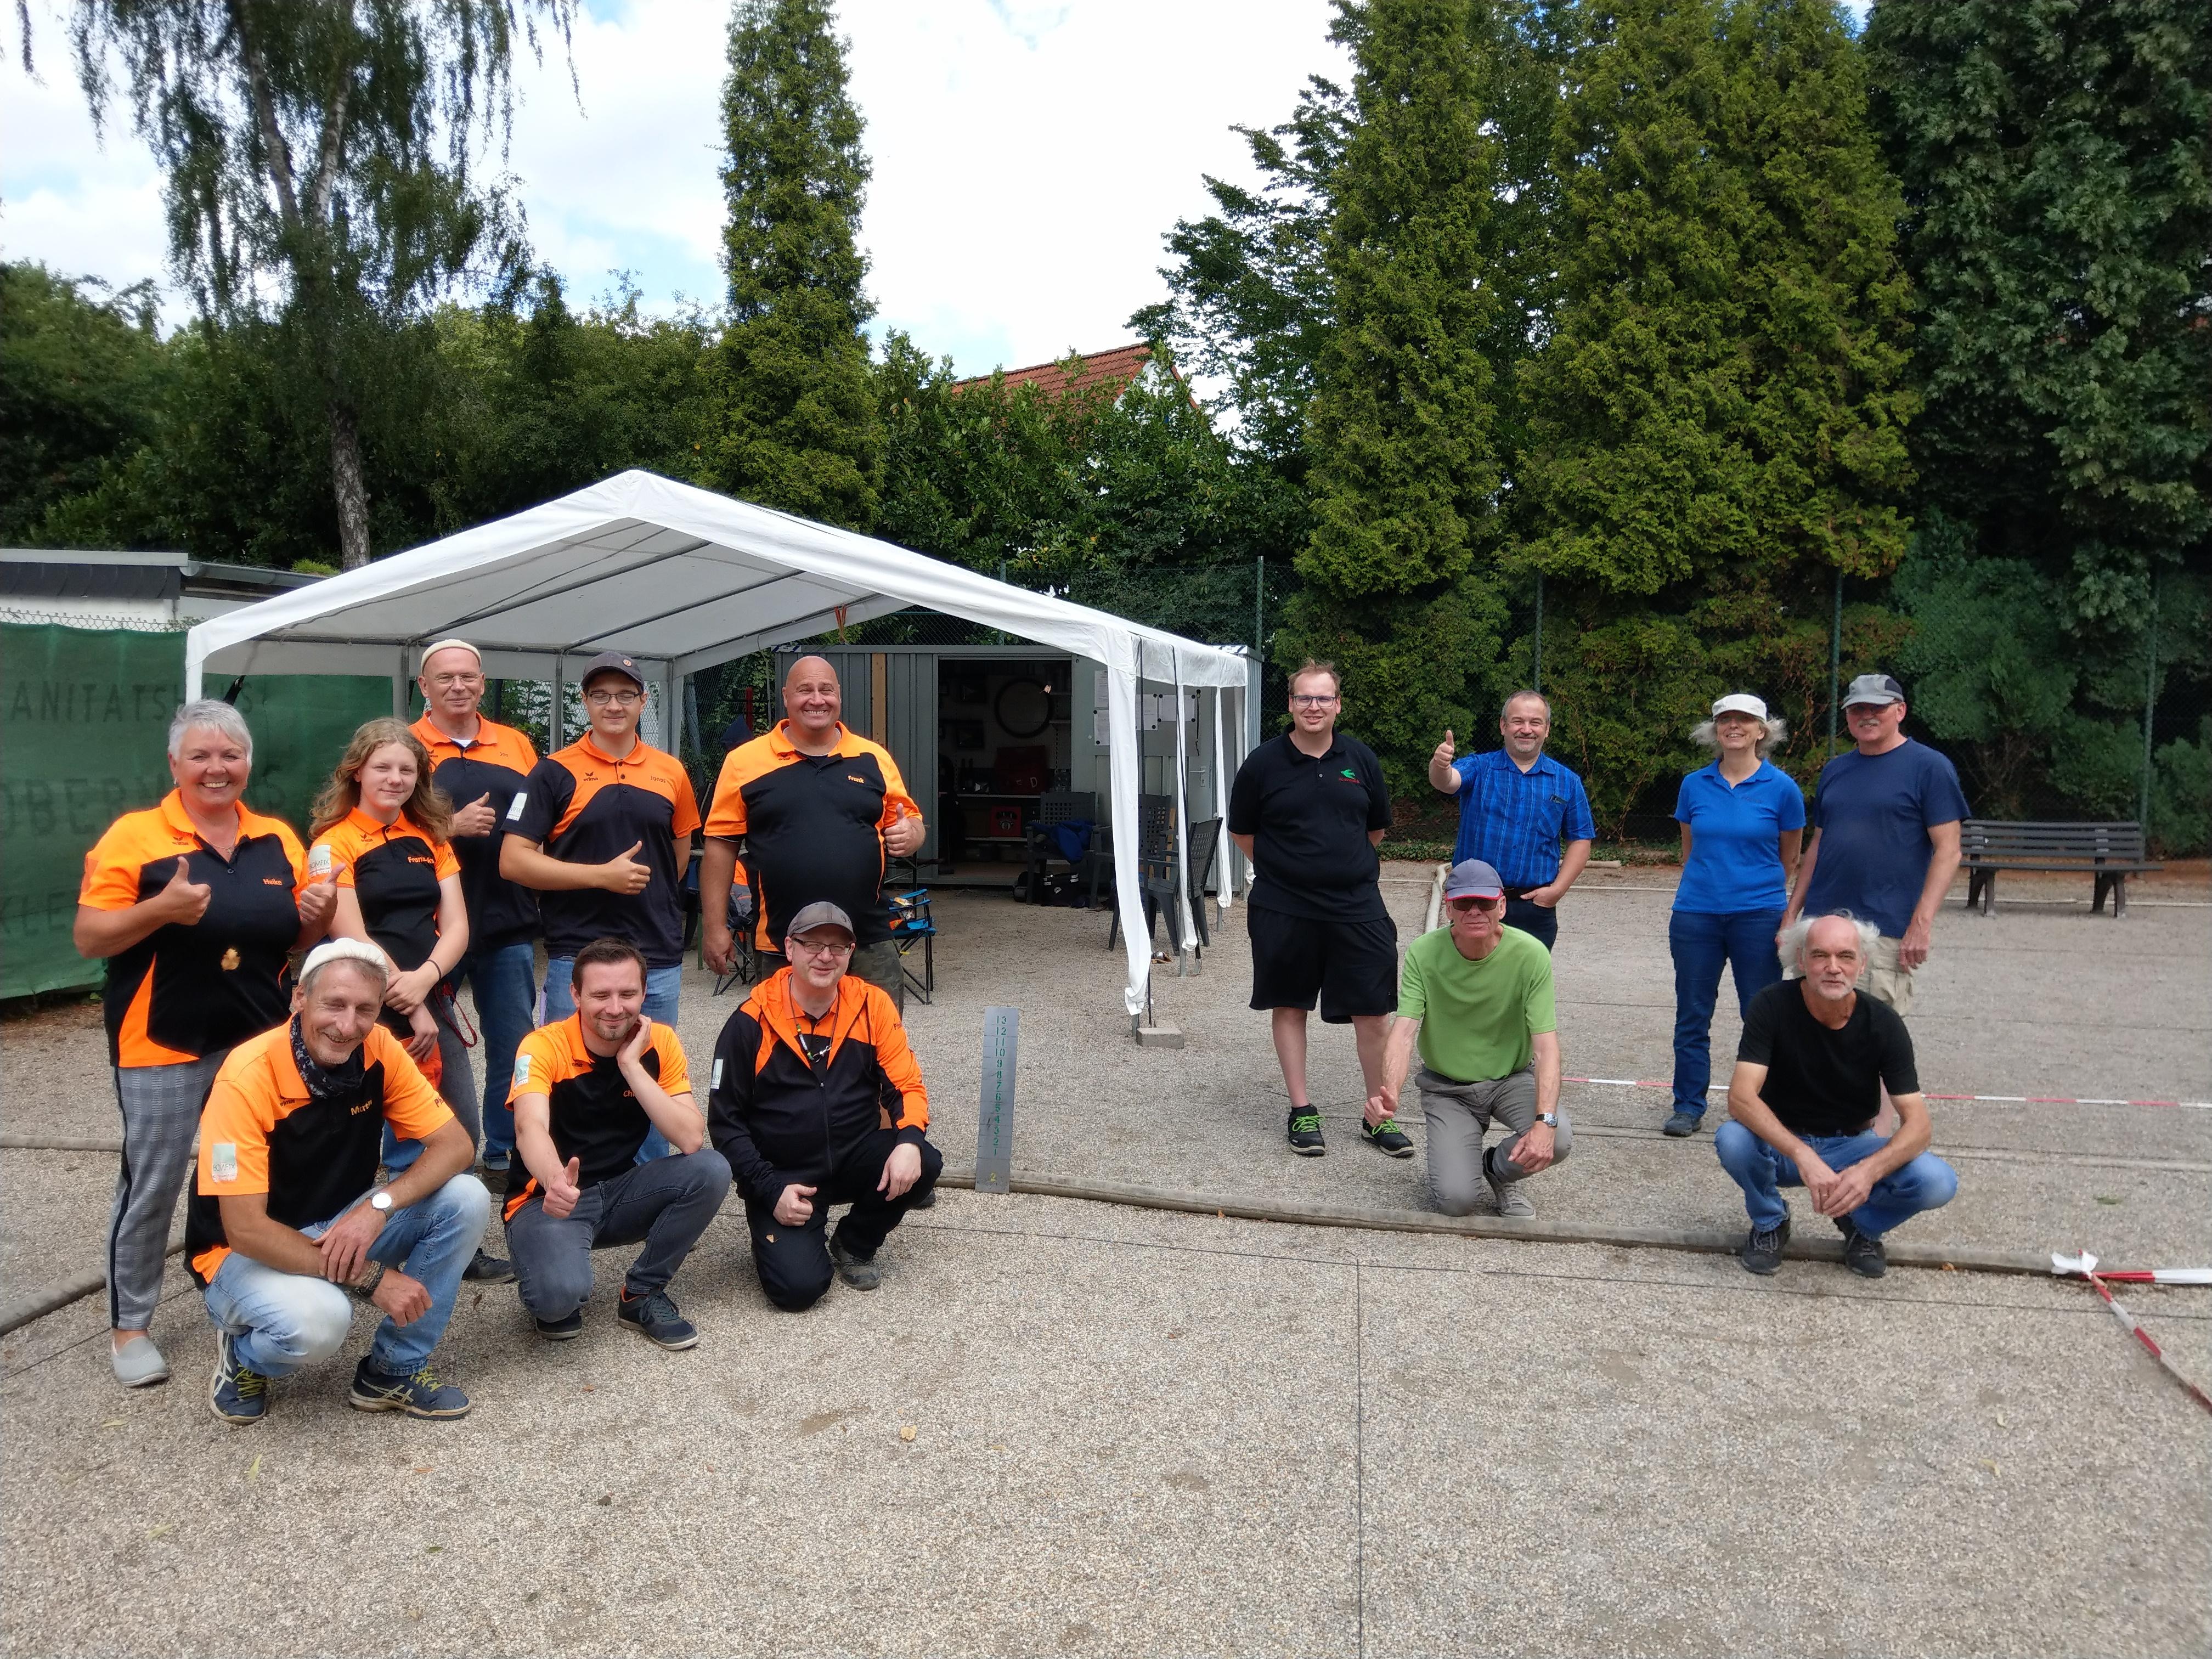 BPV NRW CUP 2020 Kleve - RE1